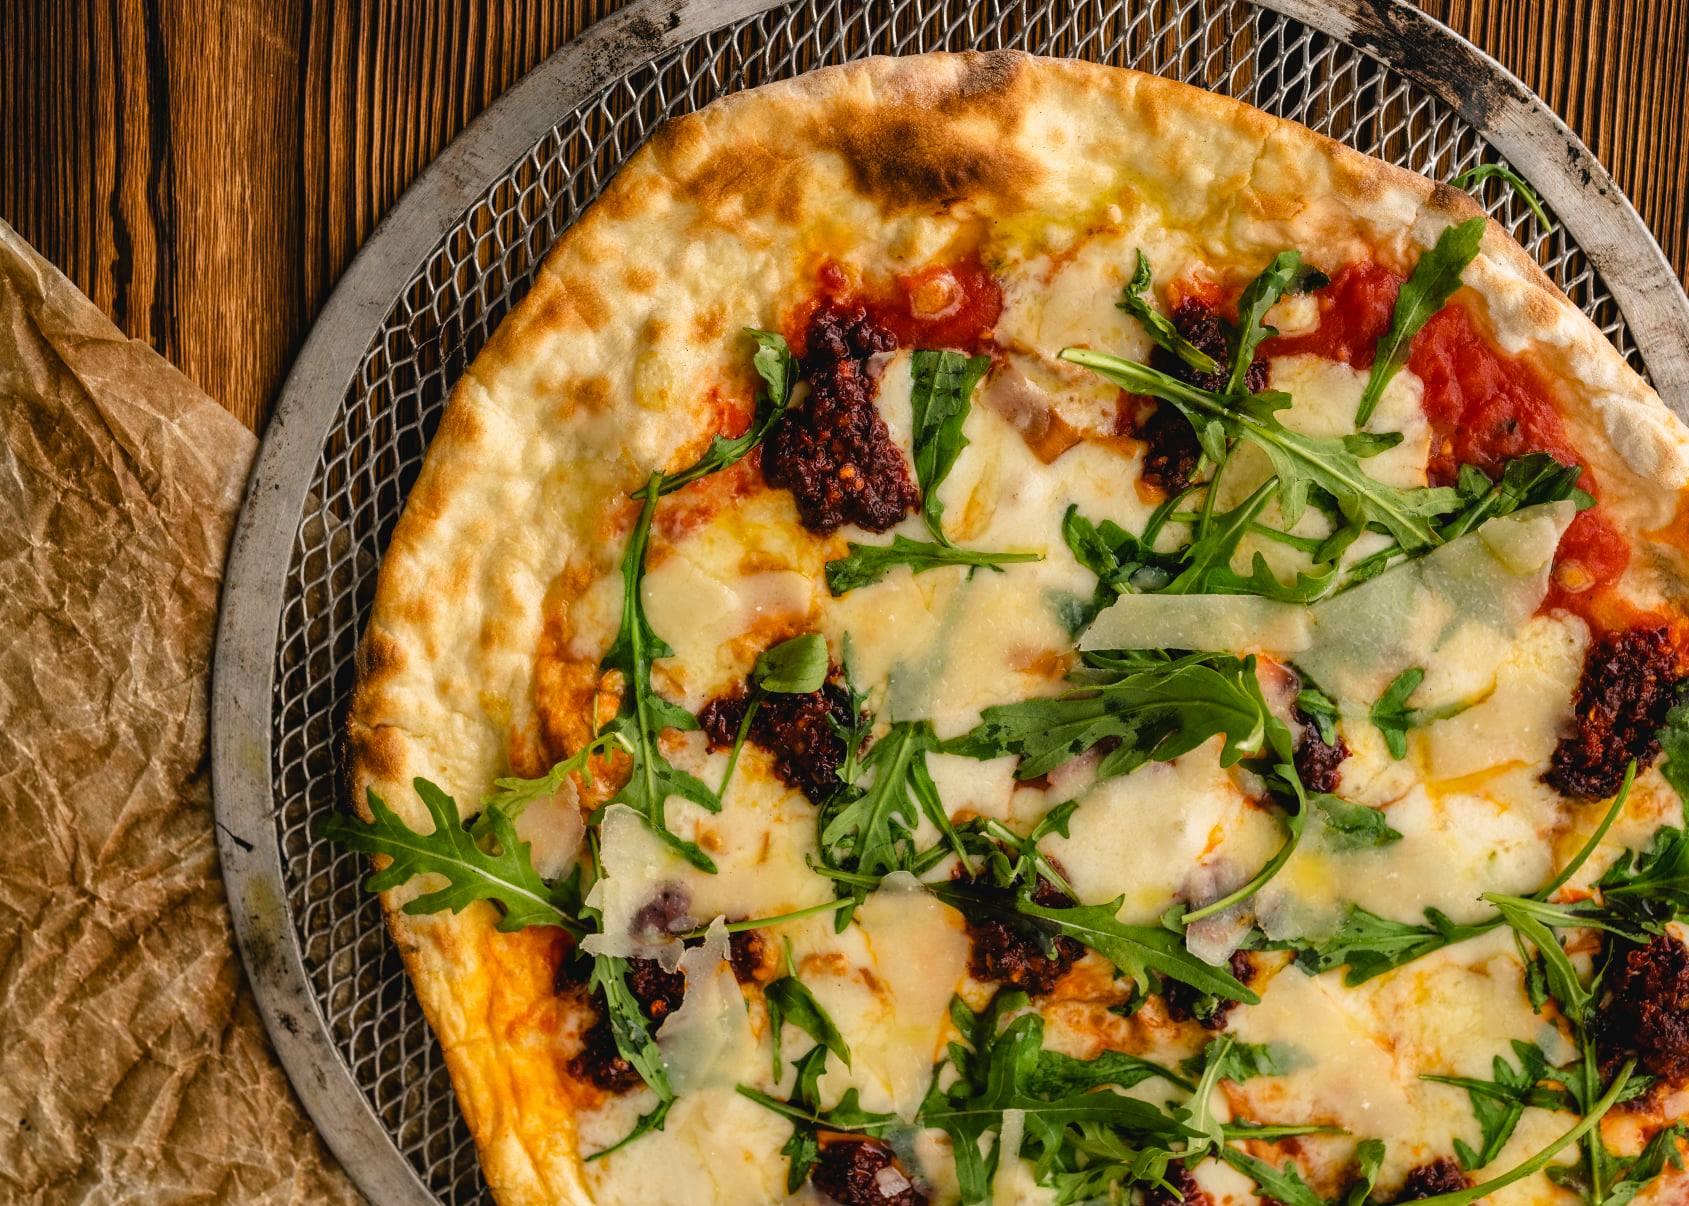 pizza unica italiana - Entre nuestras pizzas también han llegado novedades